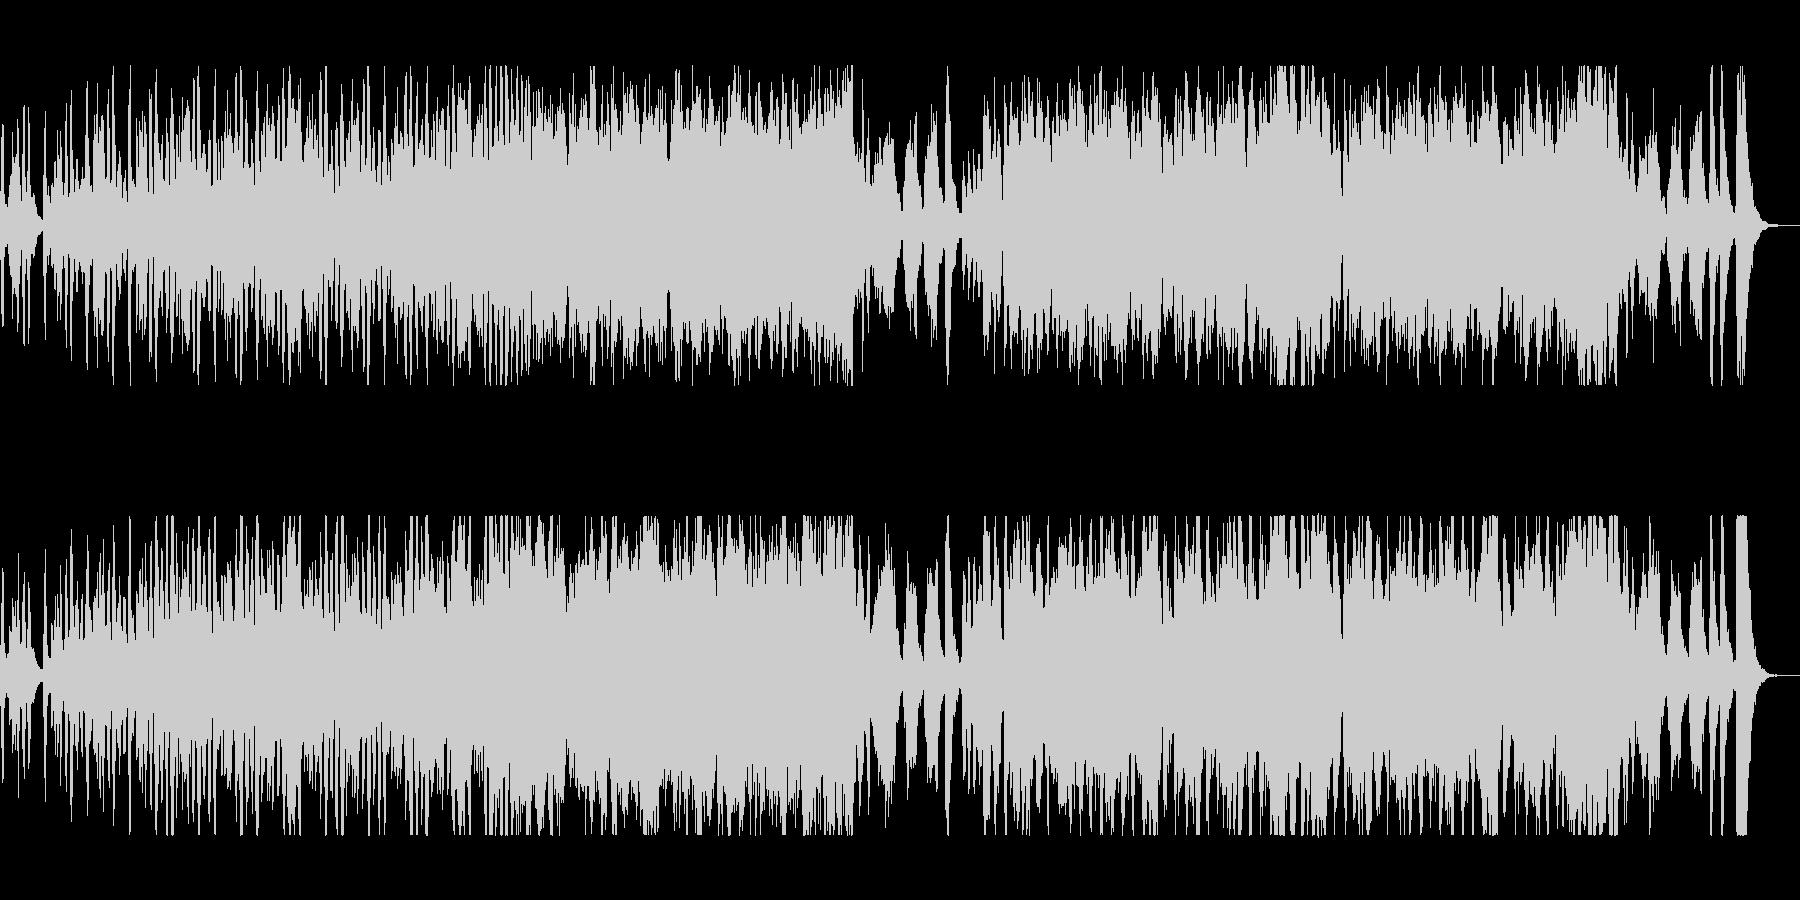 ファンタジーな管楽器シンセサウンドの未再生の波形